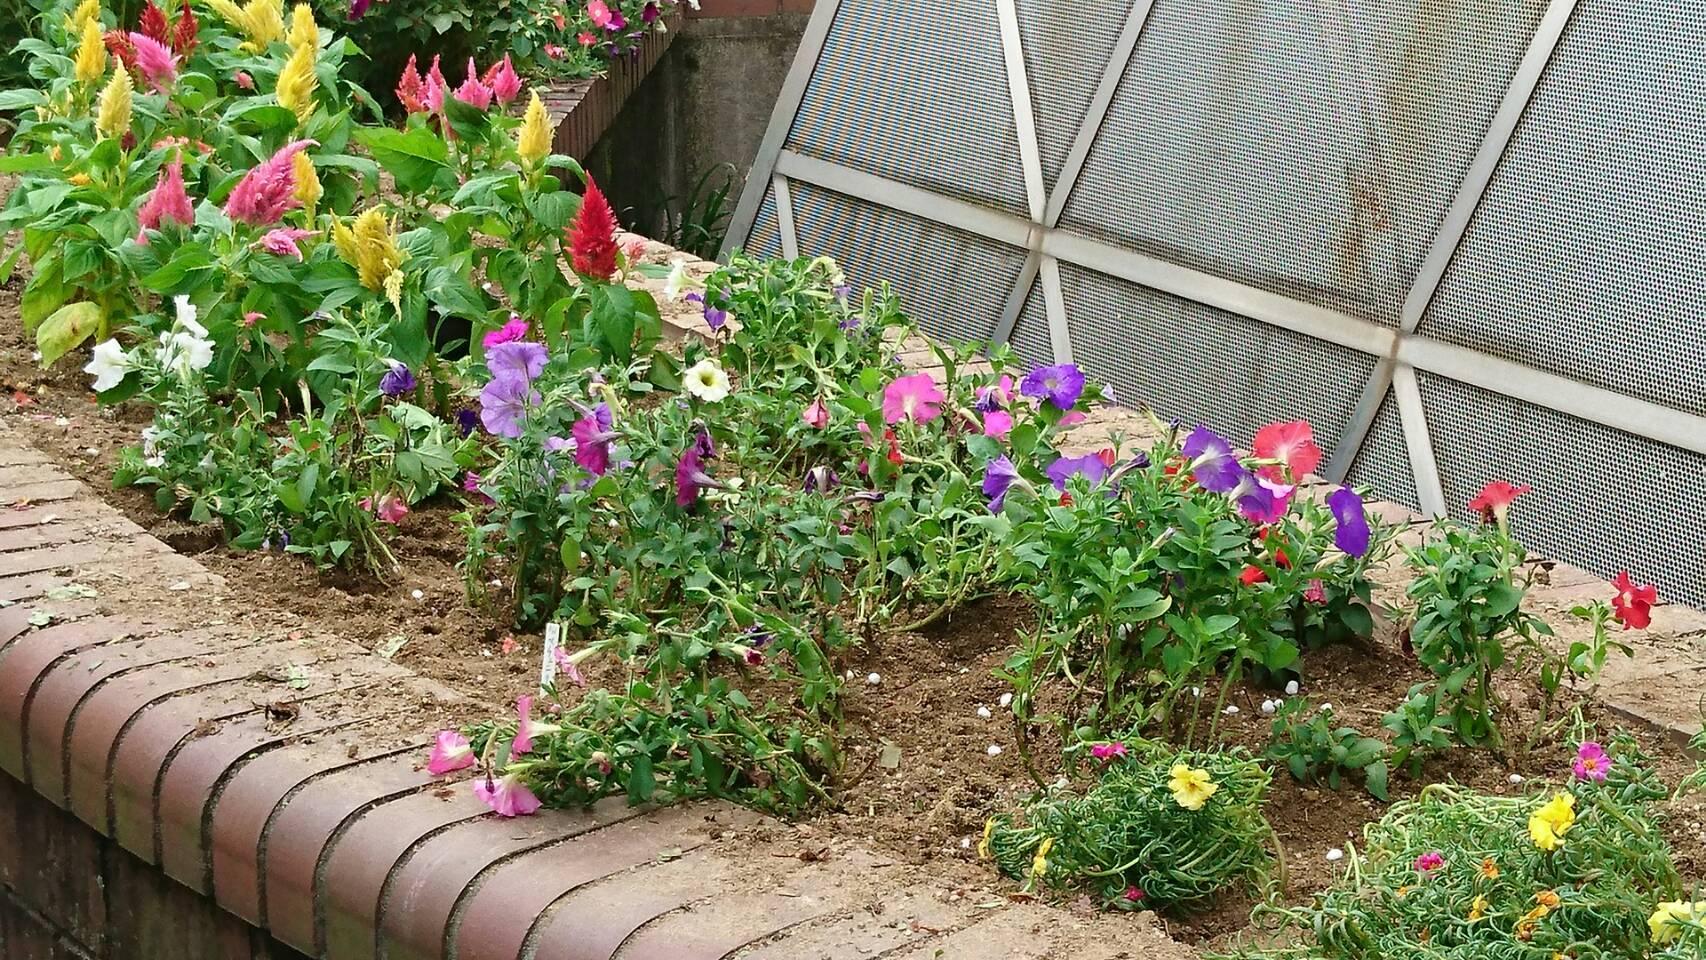 ガーデンふ頭総合案内所前花壇の植替えH29.7.24_d0338682_09112743.jpg